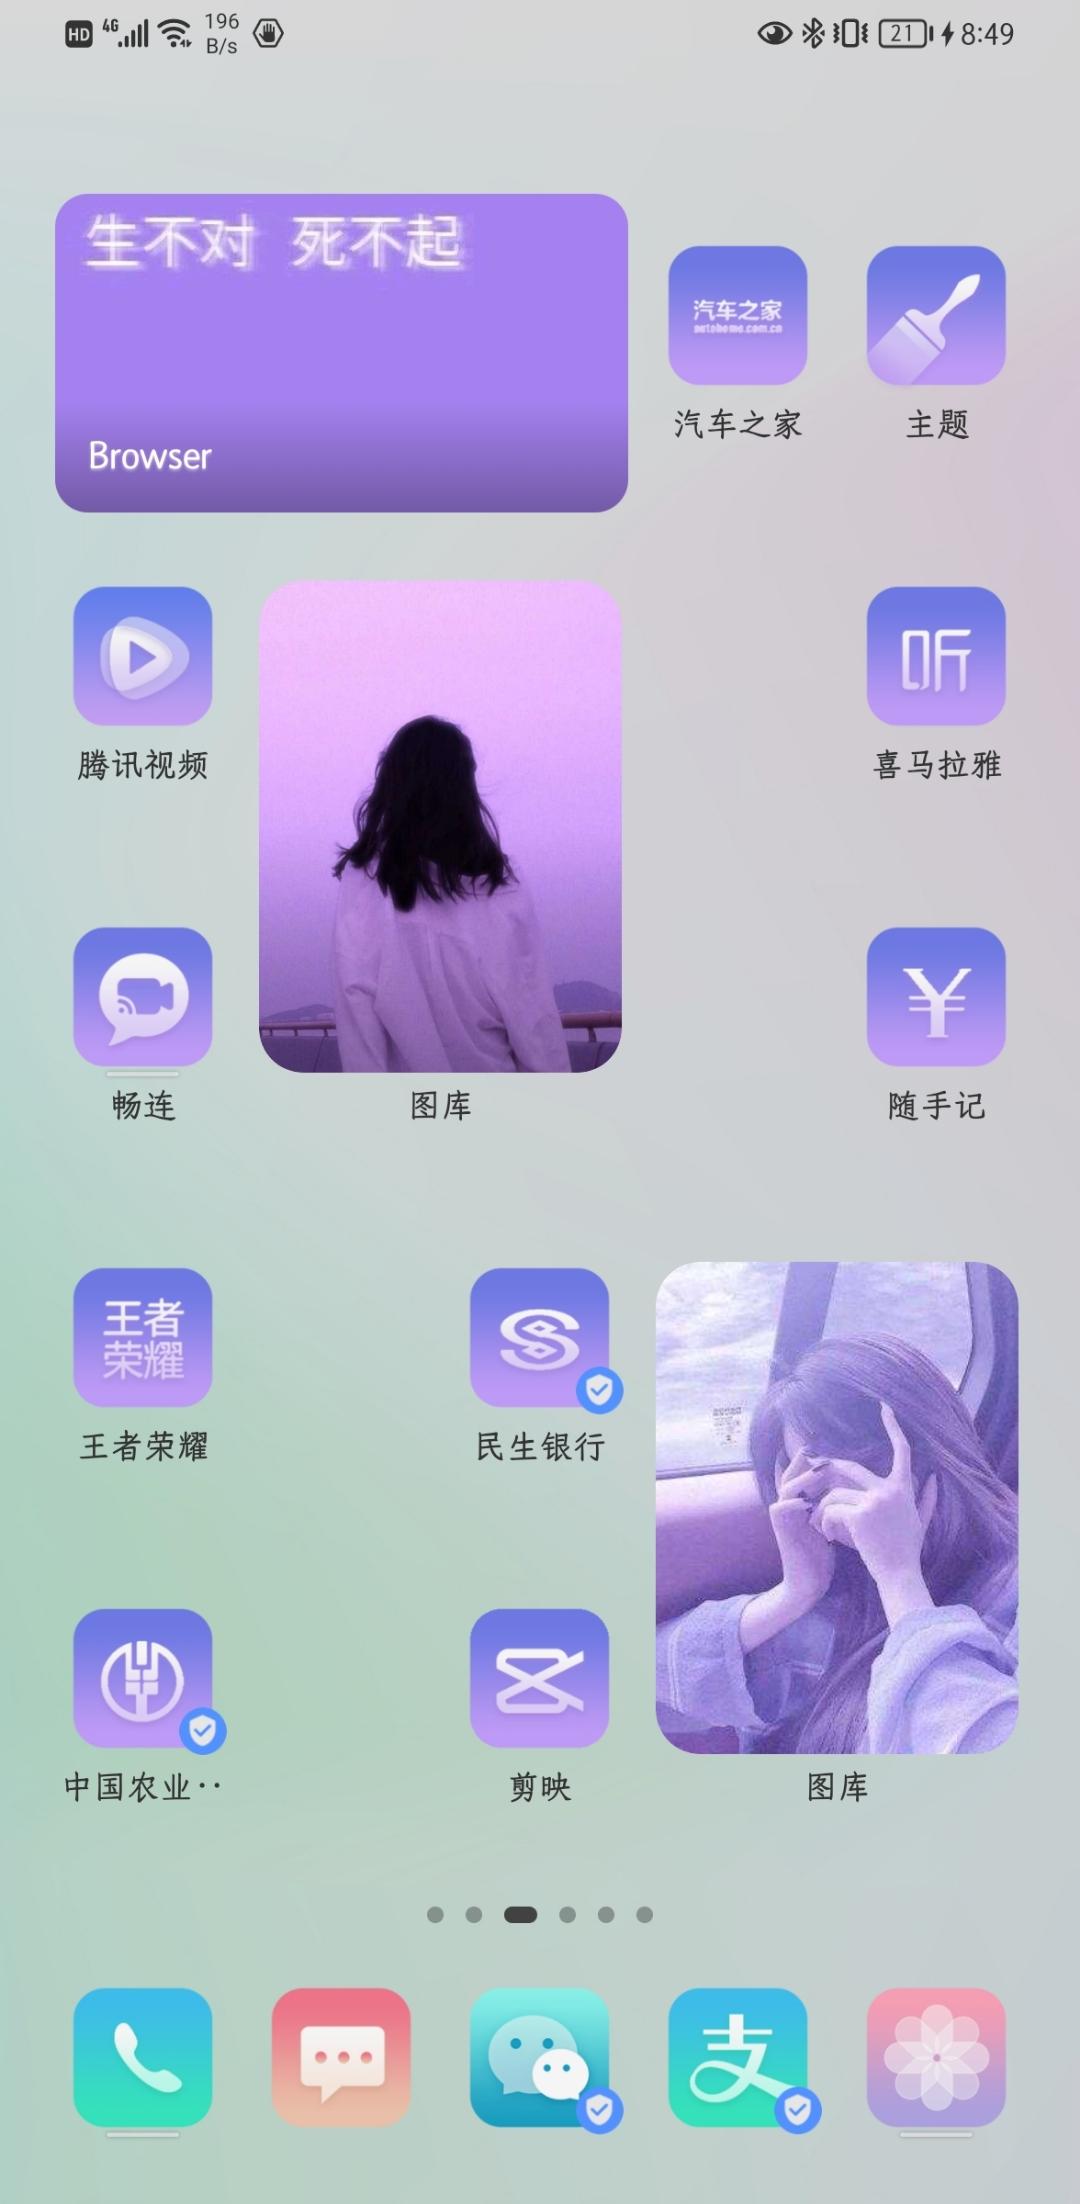 Screenshot_20210618_204912_com.huawei.android.launcher.jpg